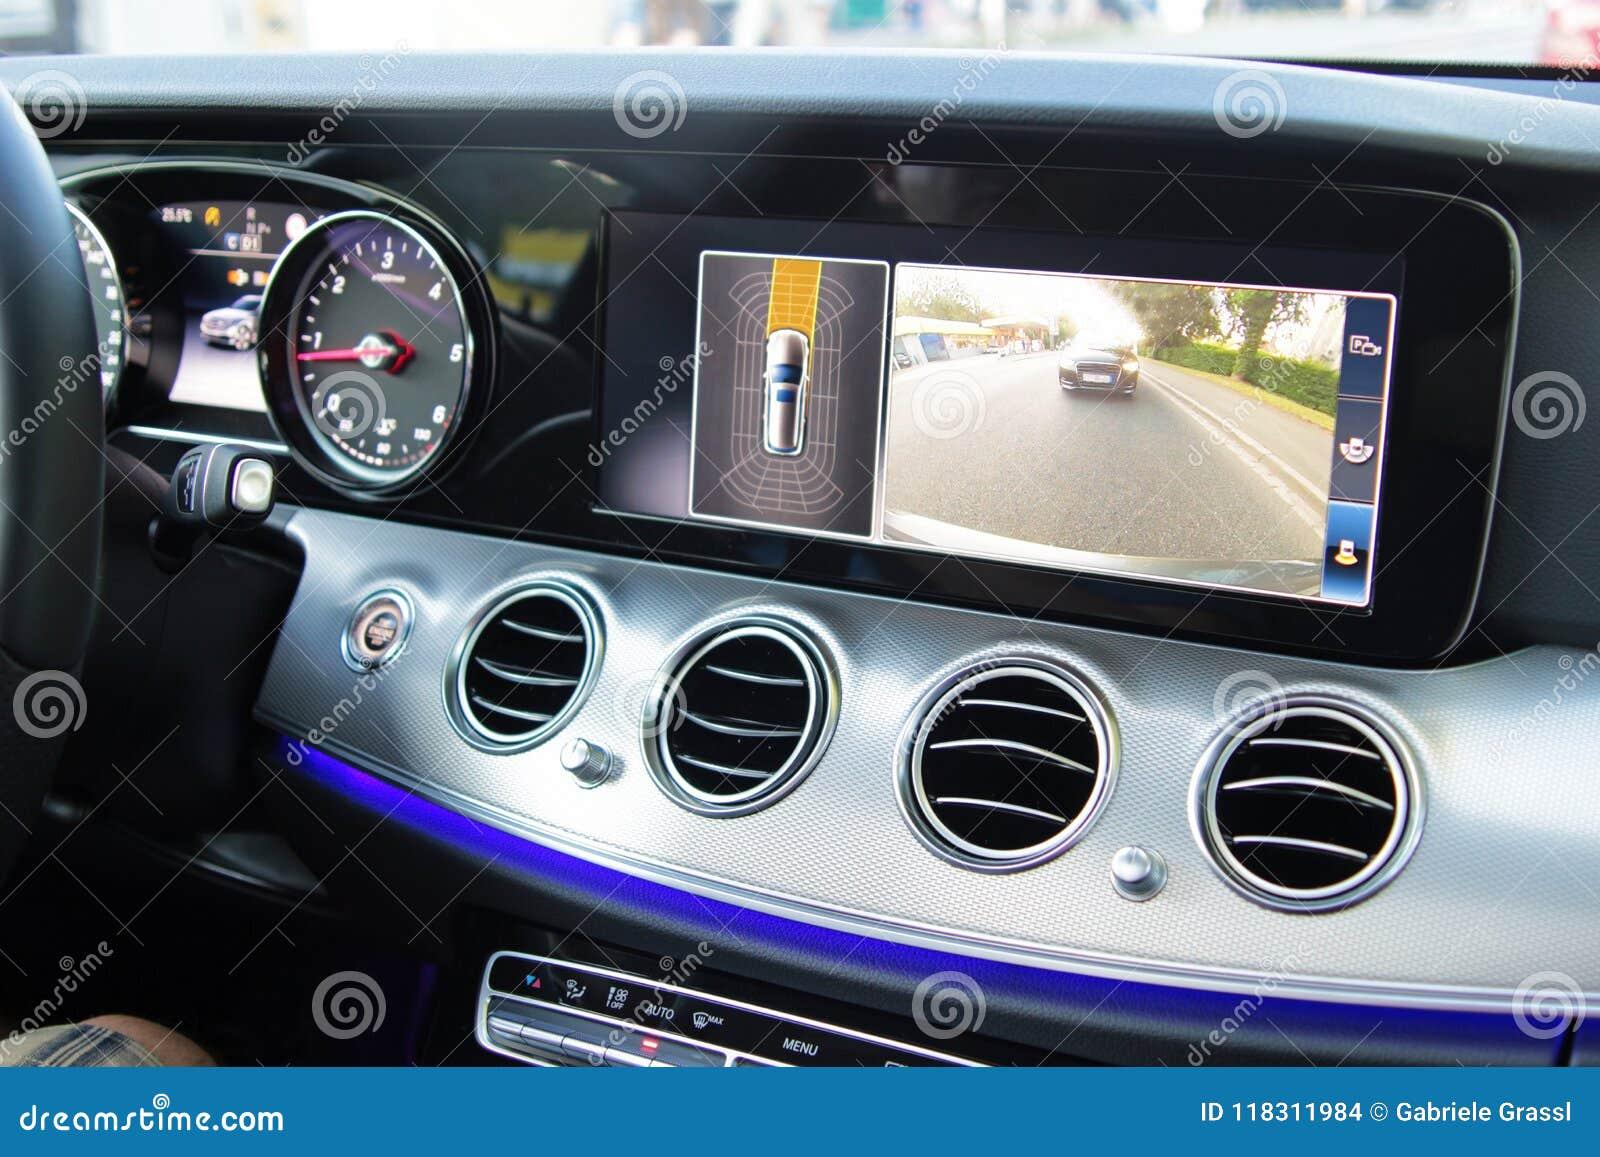 Арена современного автомобиля с обратной камерой